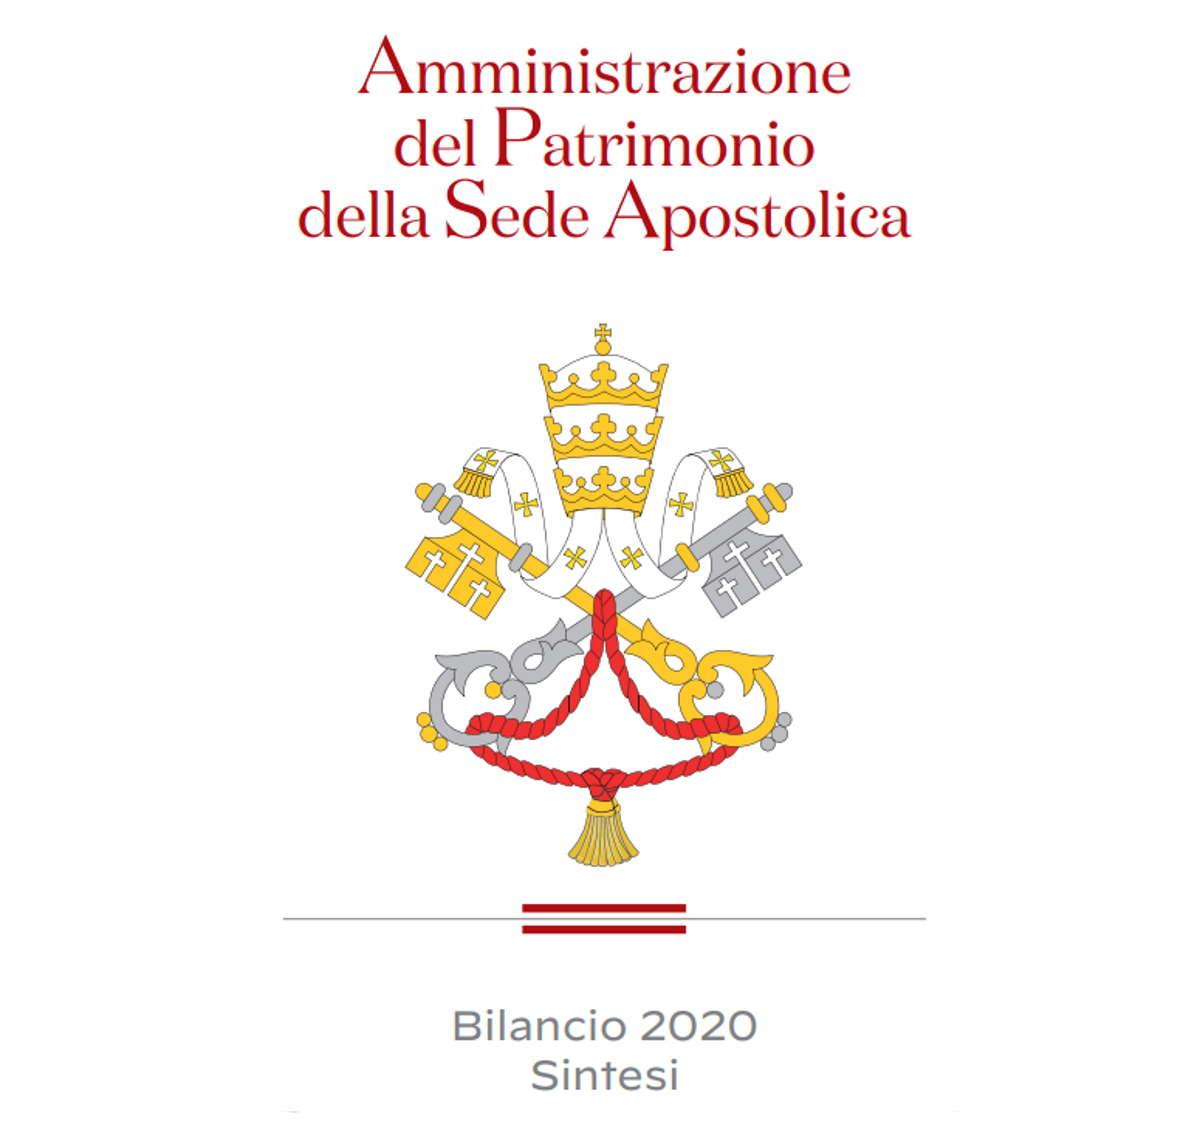 Vaticano, operazione trasparenza: l'Apsa rende pubblico il proprio bilancio, è la prima volta